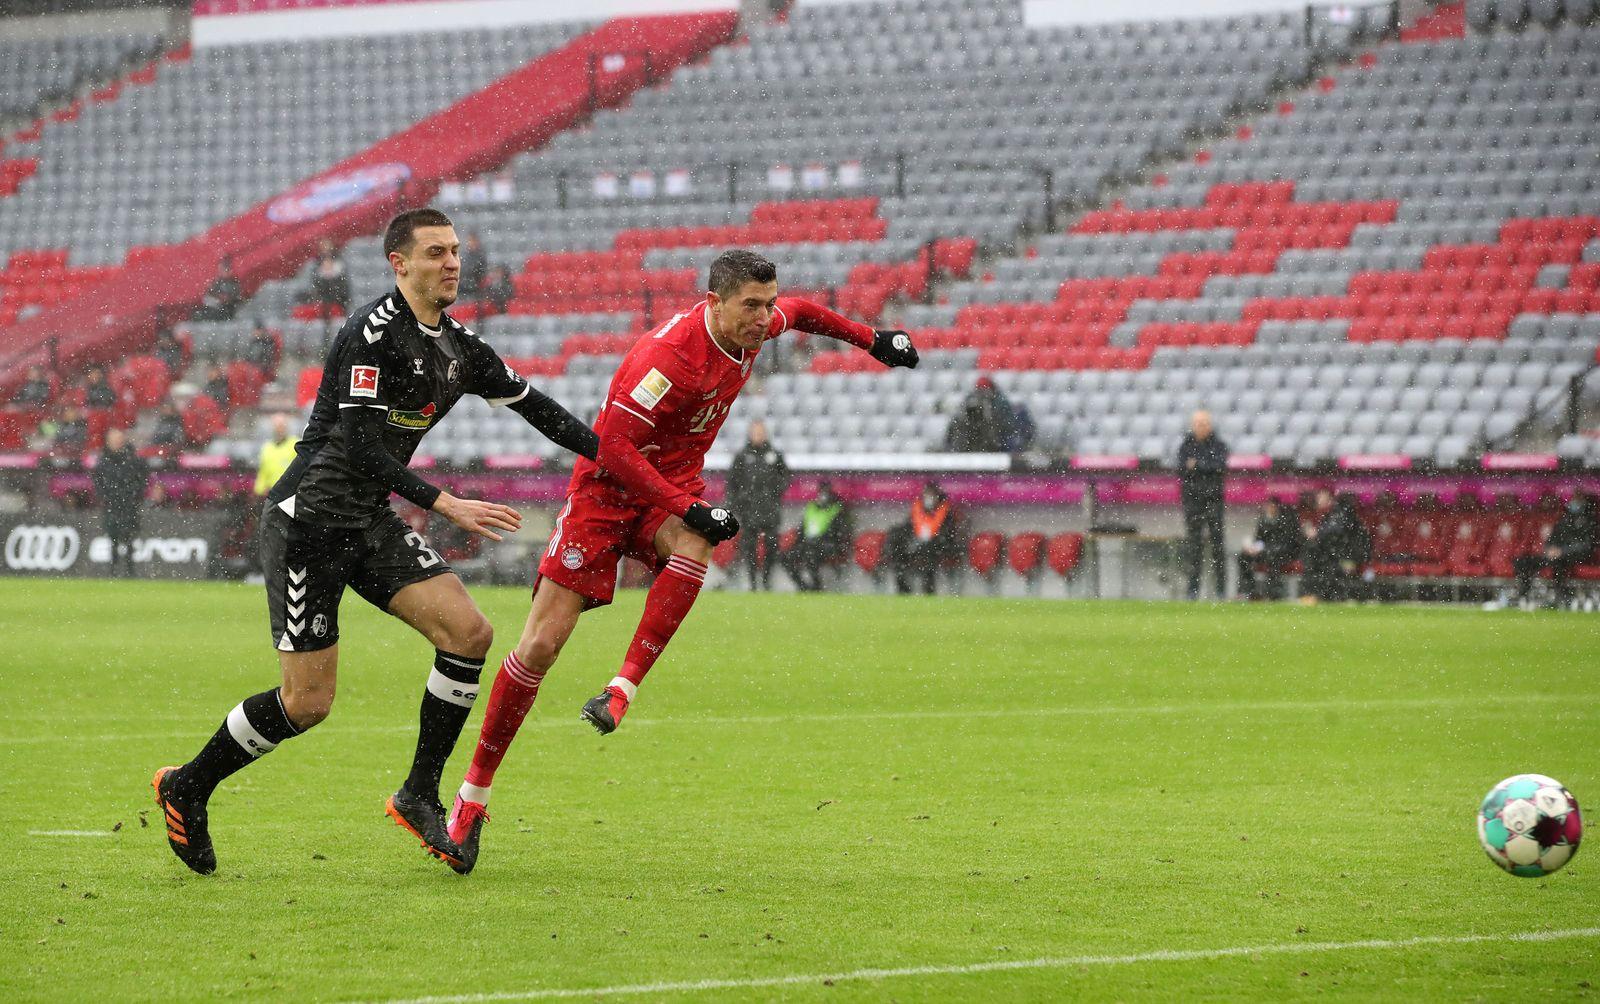 FC Bayern Muenchen v Sport-Club Freiburg, Munich, Germany - 17 Jan 2021